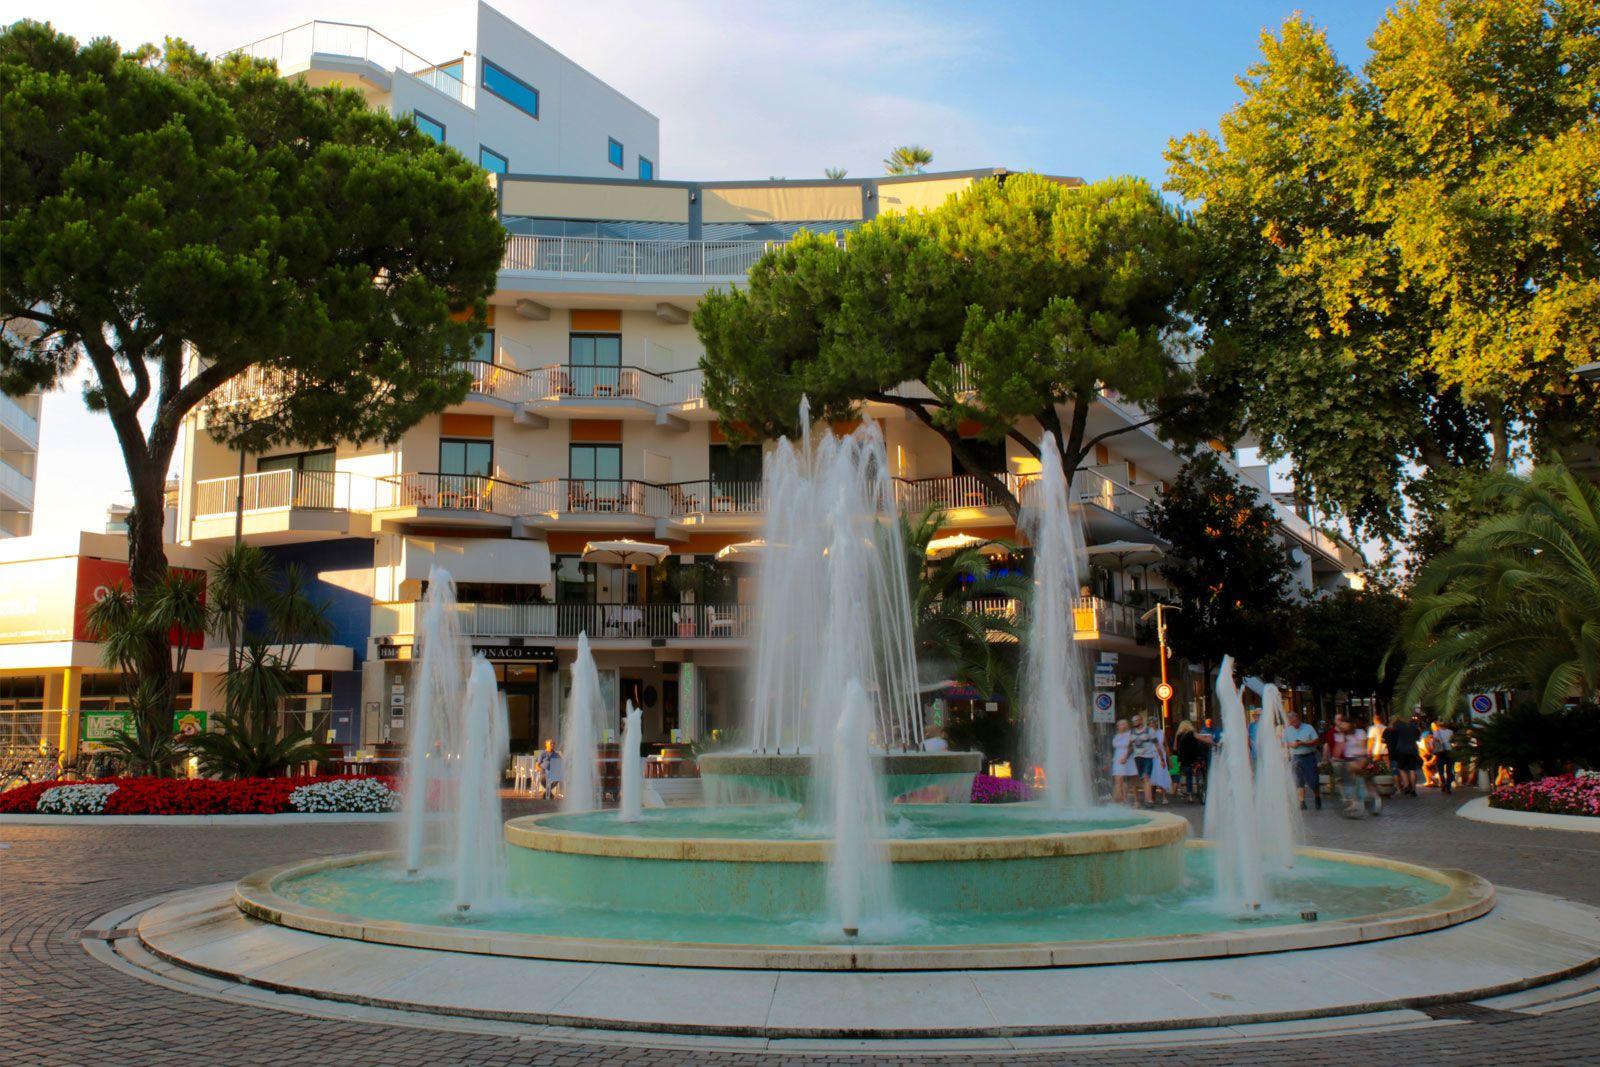 www.scontrinofelice.it offerta flash luglio 2020 hotel 4 stelle a lignano sabbiadoro ud piazza fontana lignano Offerta flash Luglio 2020 Hotel 4 Stelle a Lignano Sabbiadoro (UD)